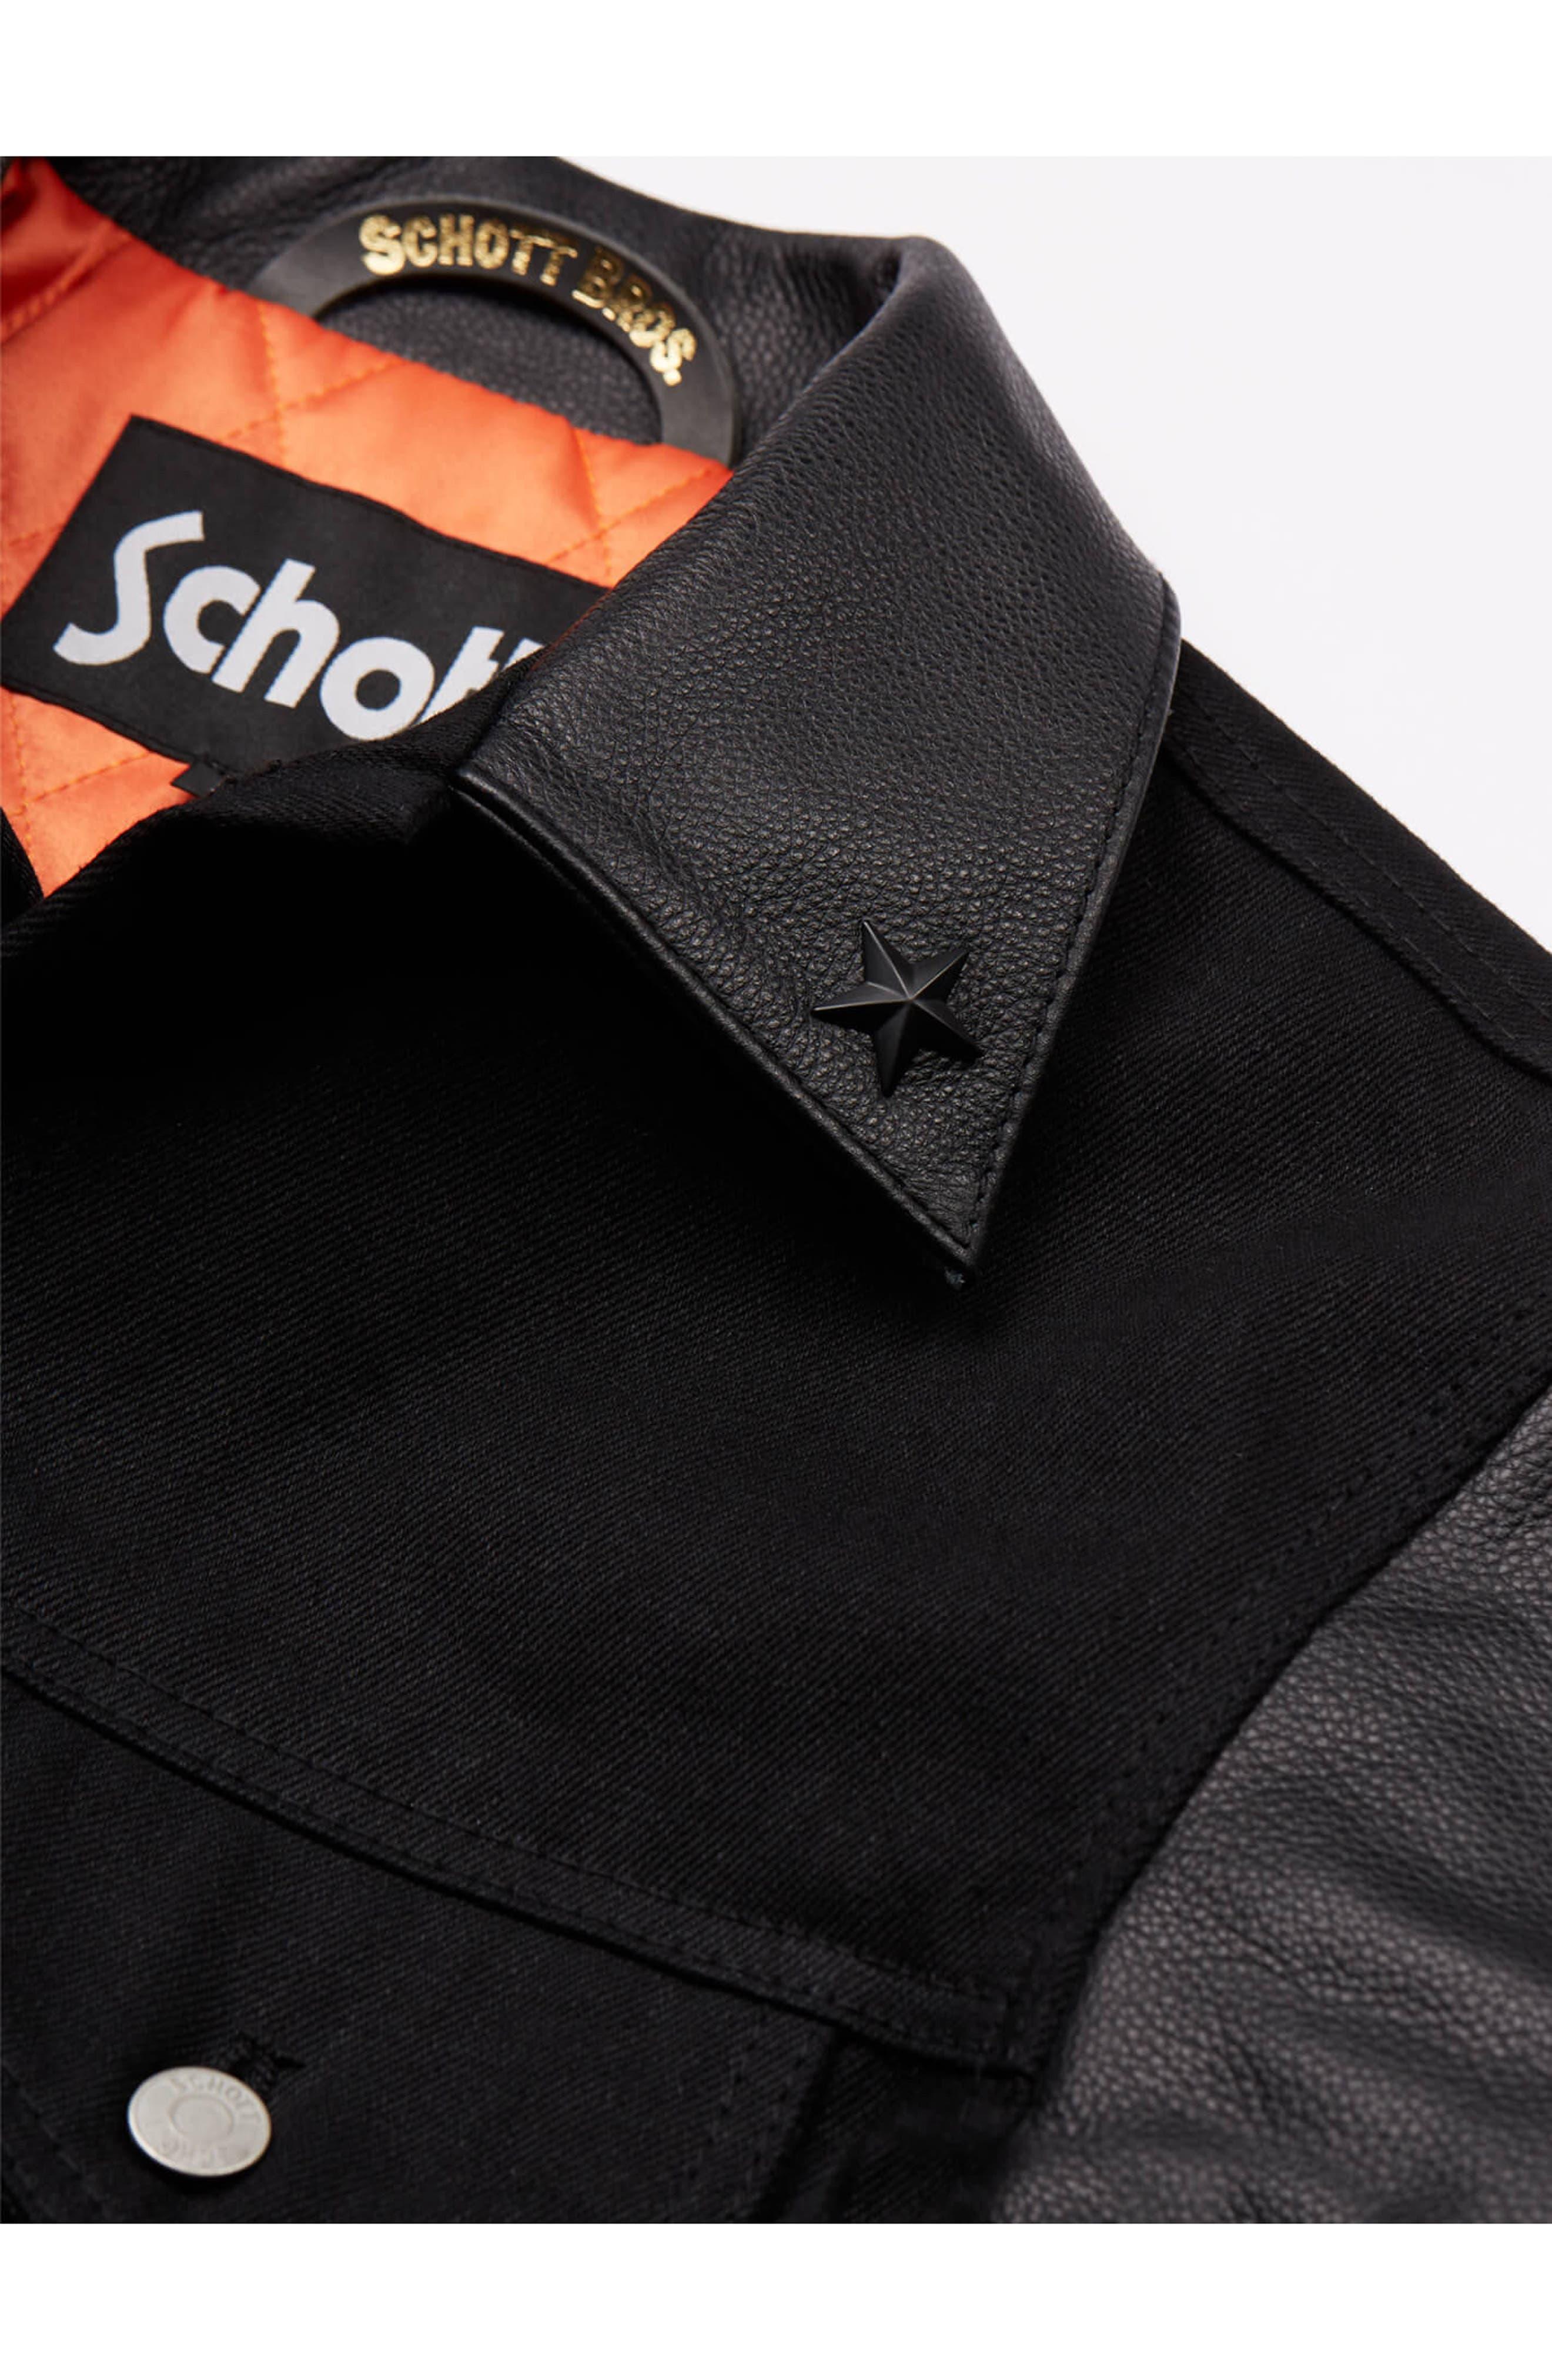 x Schott Denim Jacket,                             Alternate thumbnail 8, color,                             001